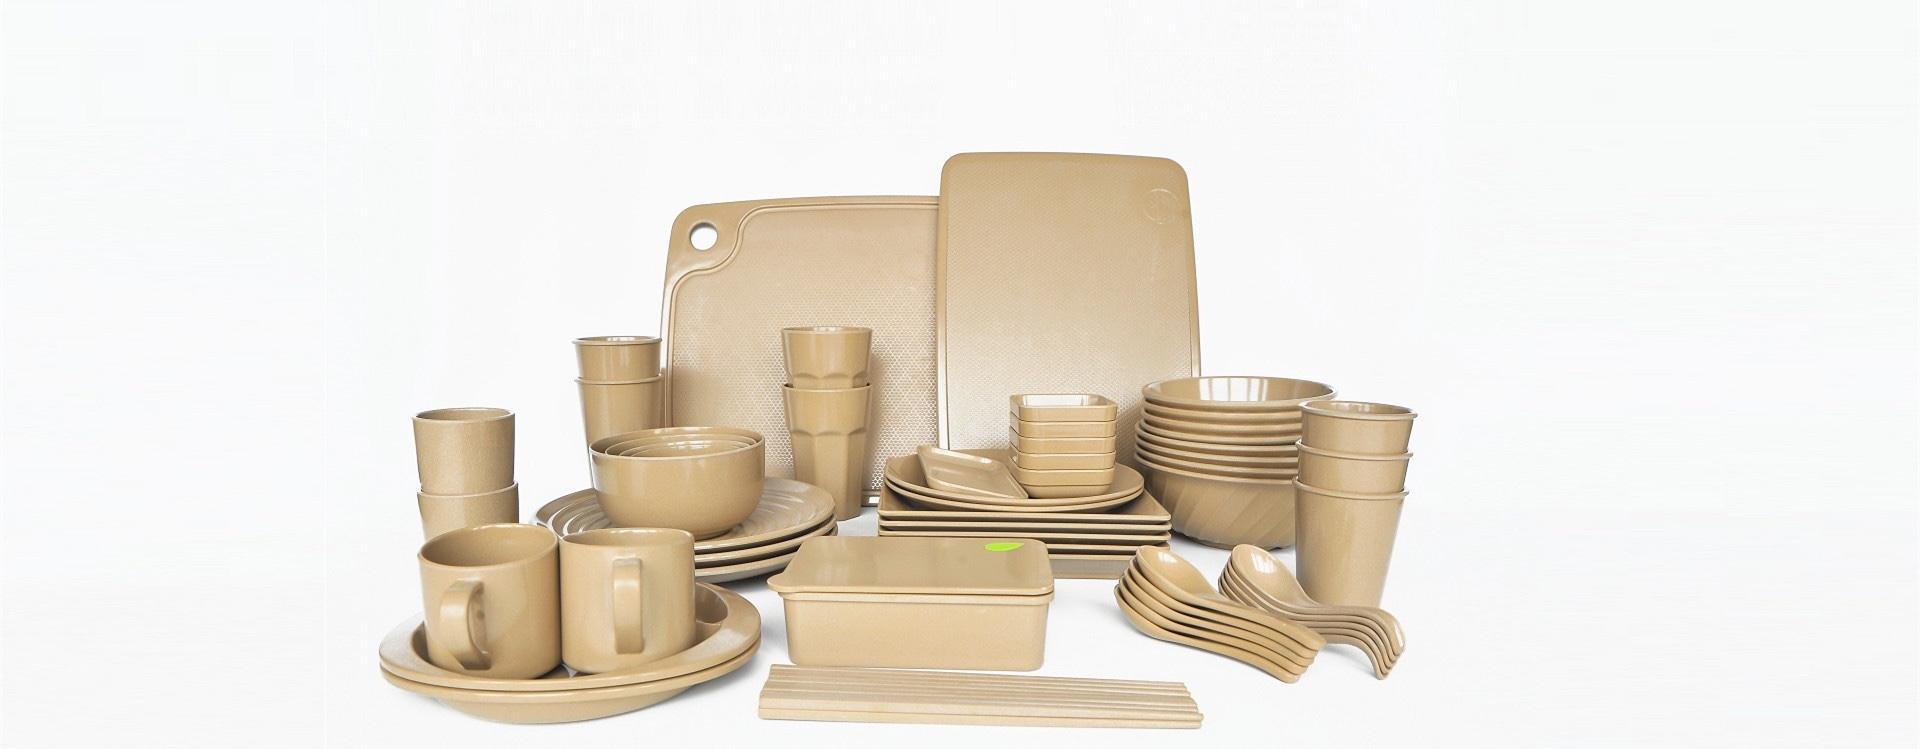 rice husks family tableware